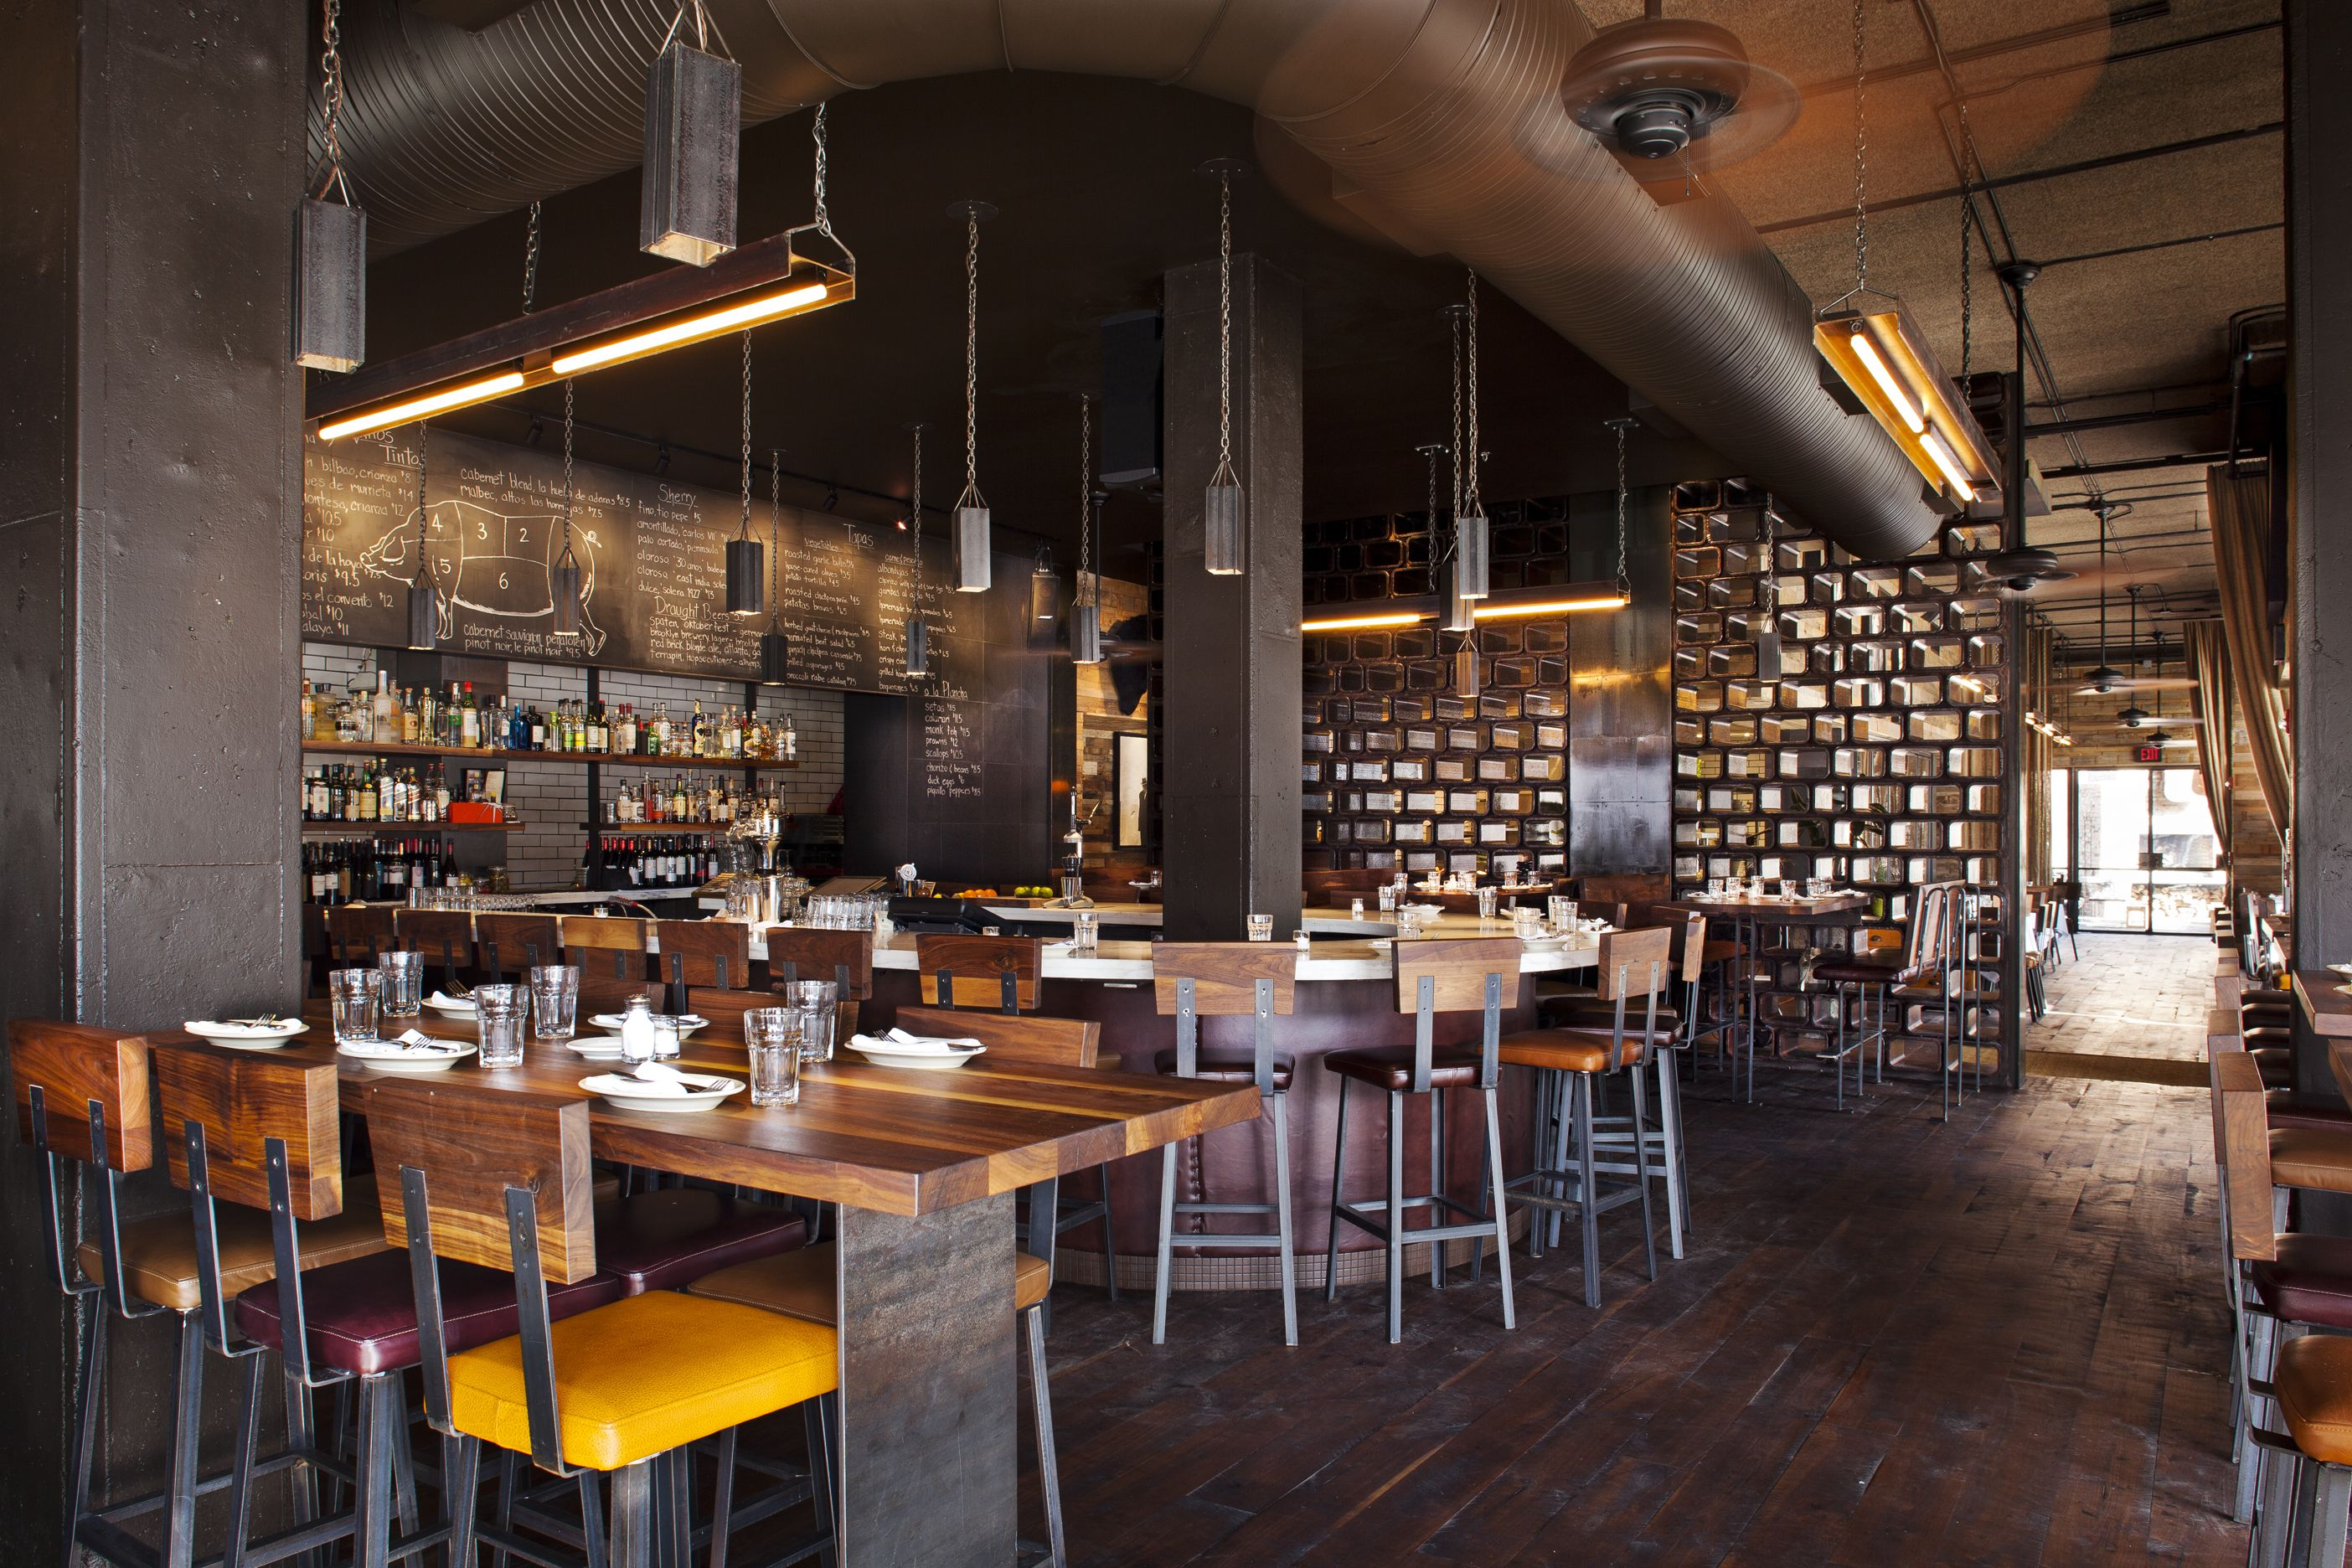 Barcelona Inman Park In Atlanta Photo By Jeffherrphoto Com Diseno Del Restaurante Interiores Comerciales Decoracion Restaurantes